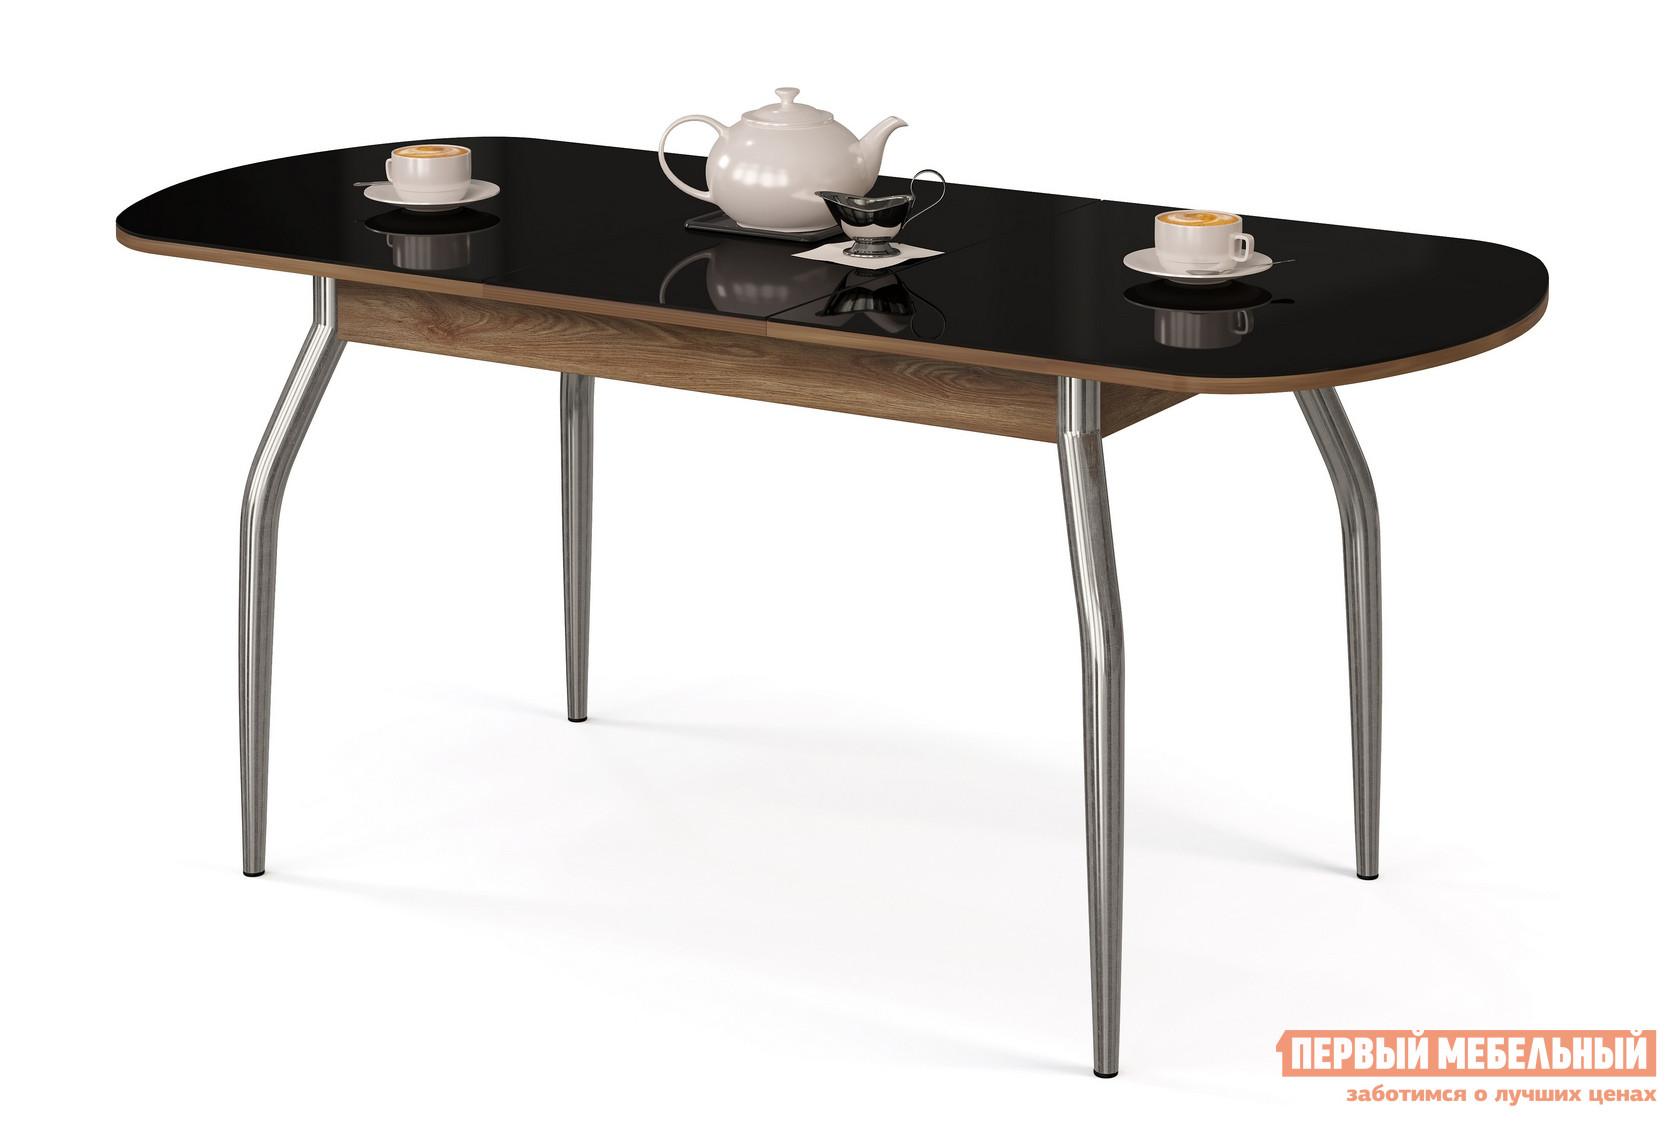 Кухонный стол МегаЭлатон Сиена Мини-Стекло Черный, Каштан минск